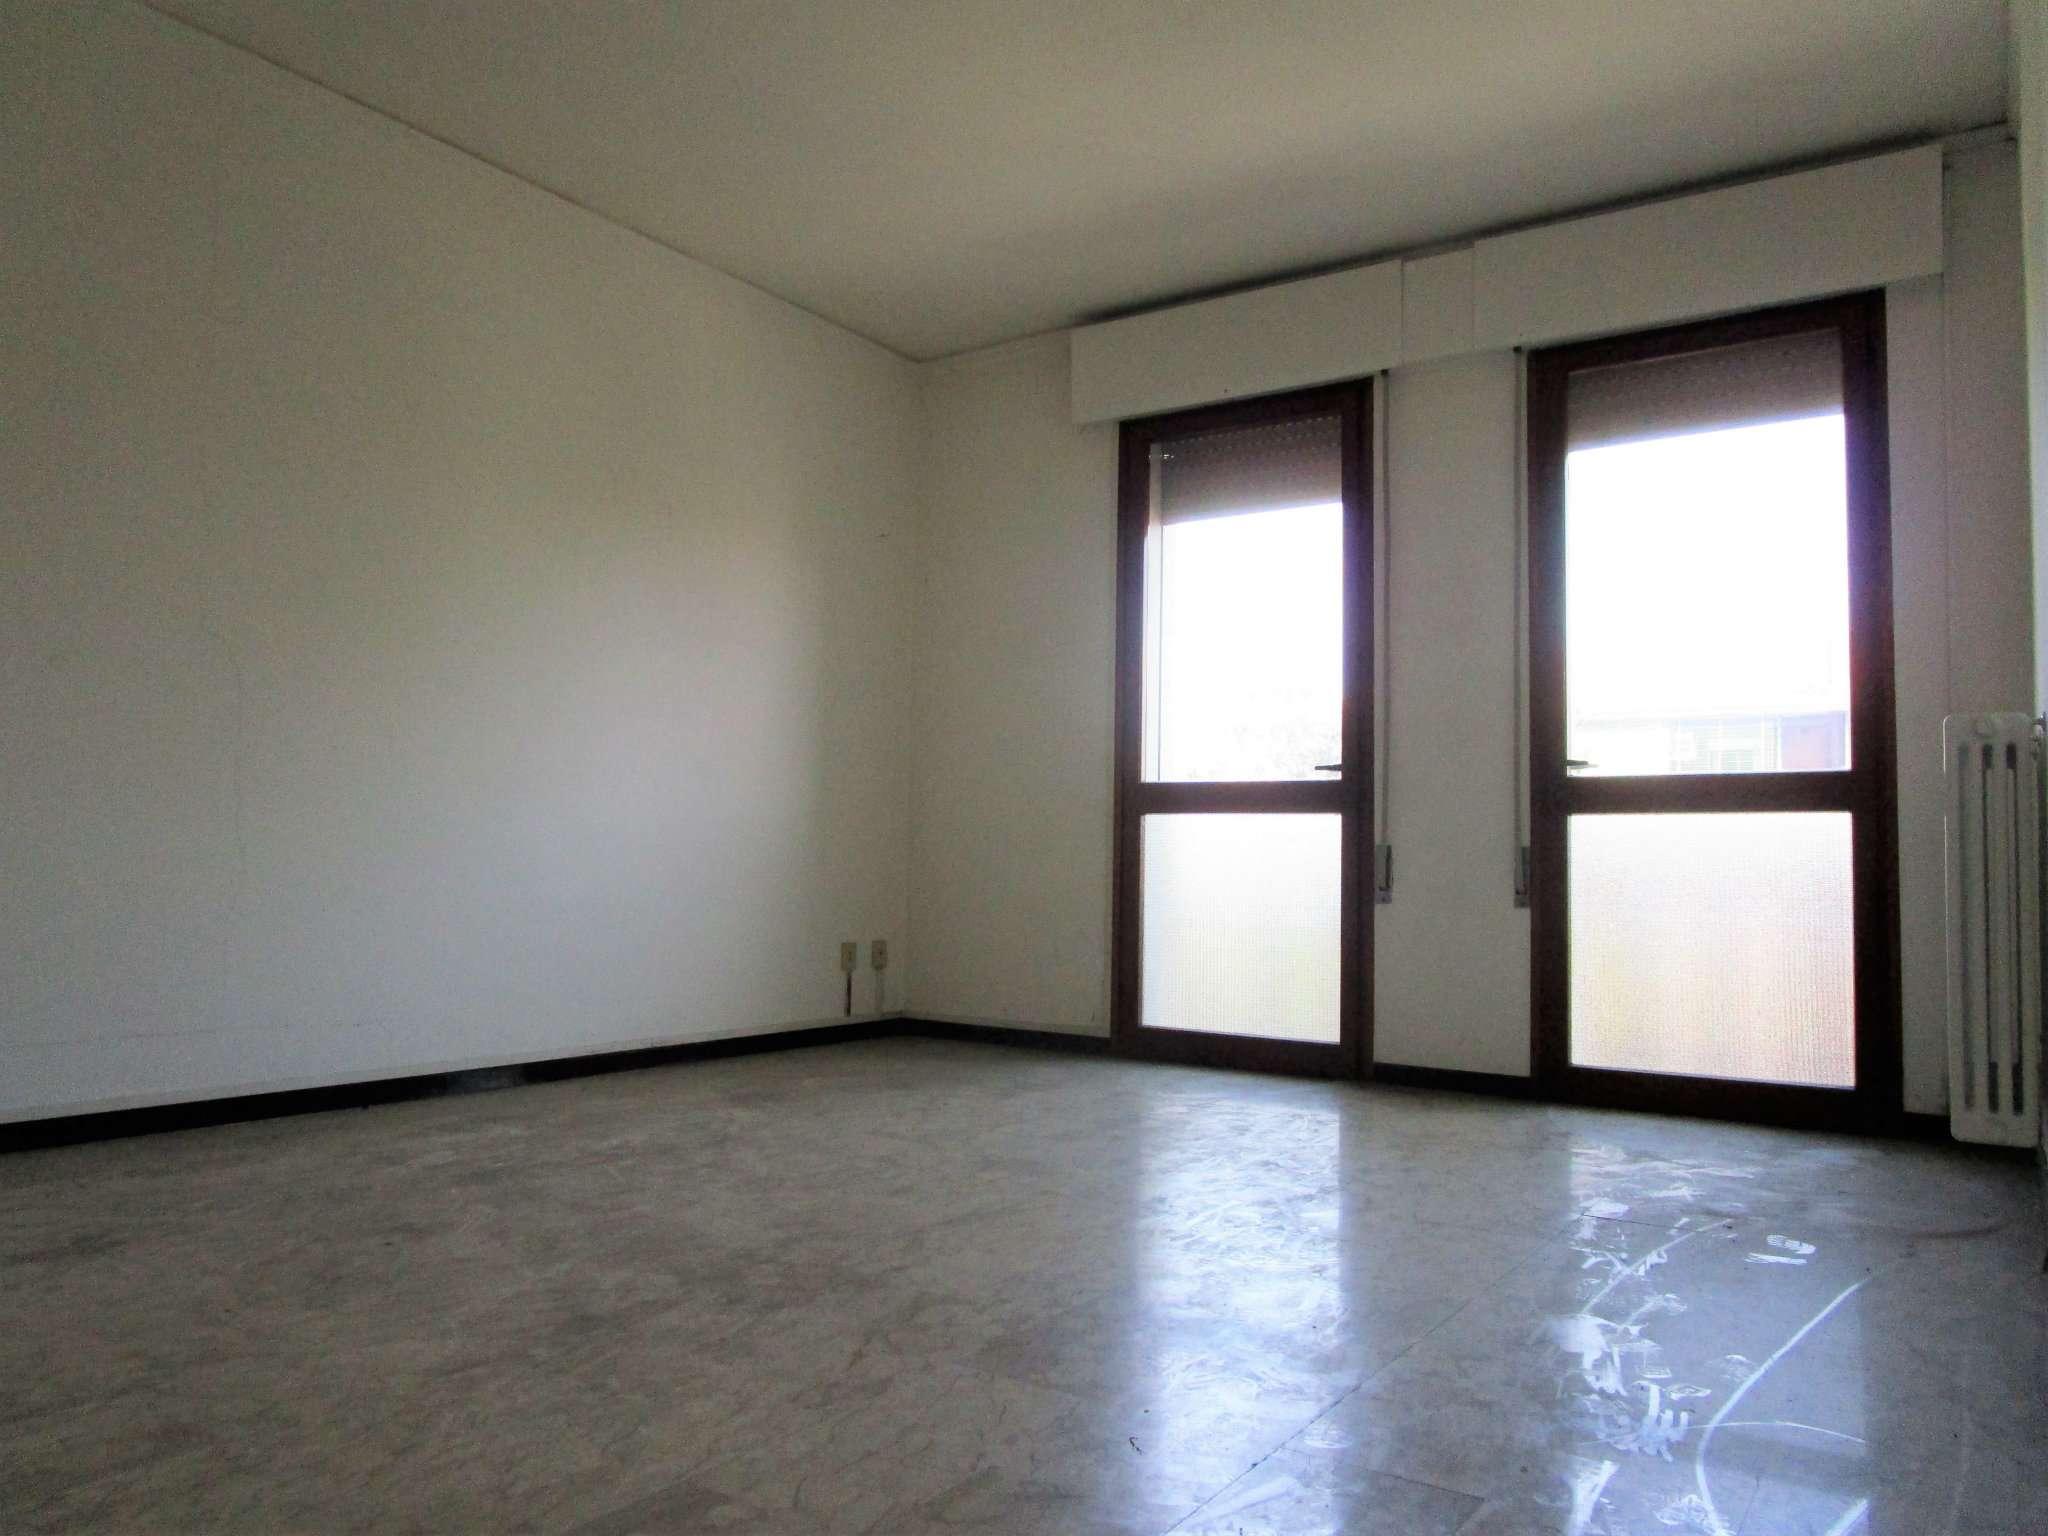 Appartamento in vendita a Padova, 4 locali, zona Zona: 2 . Nord (Arcella, S.Carlo, Pontevigodarzere), prezzo € 105.000 | Cambio Casa.it